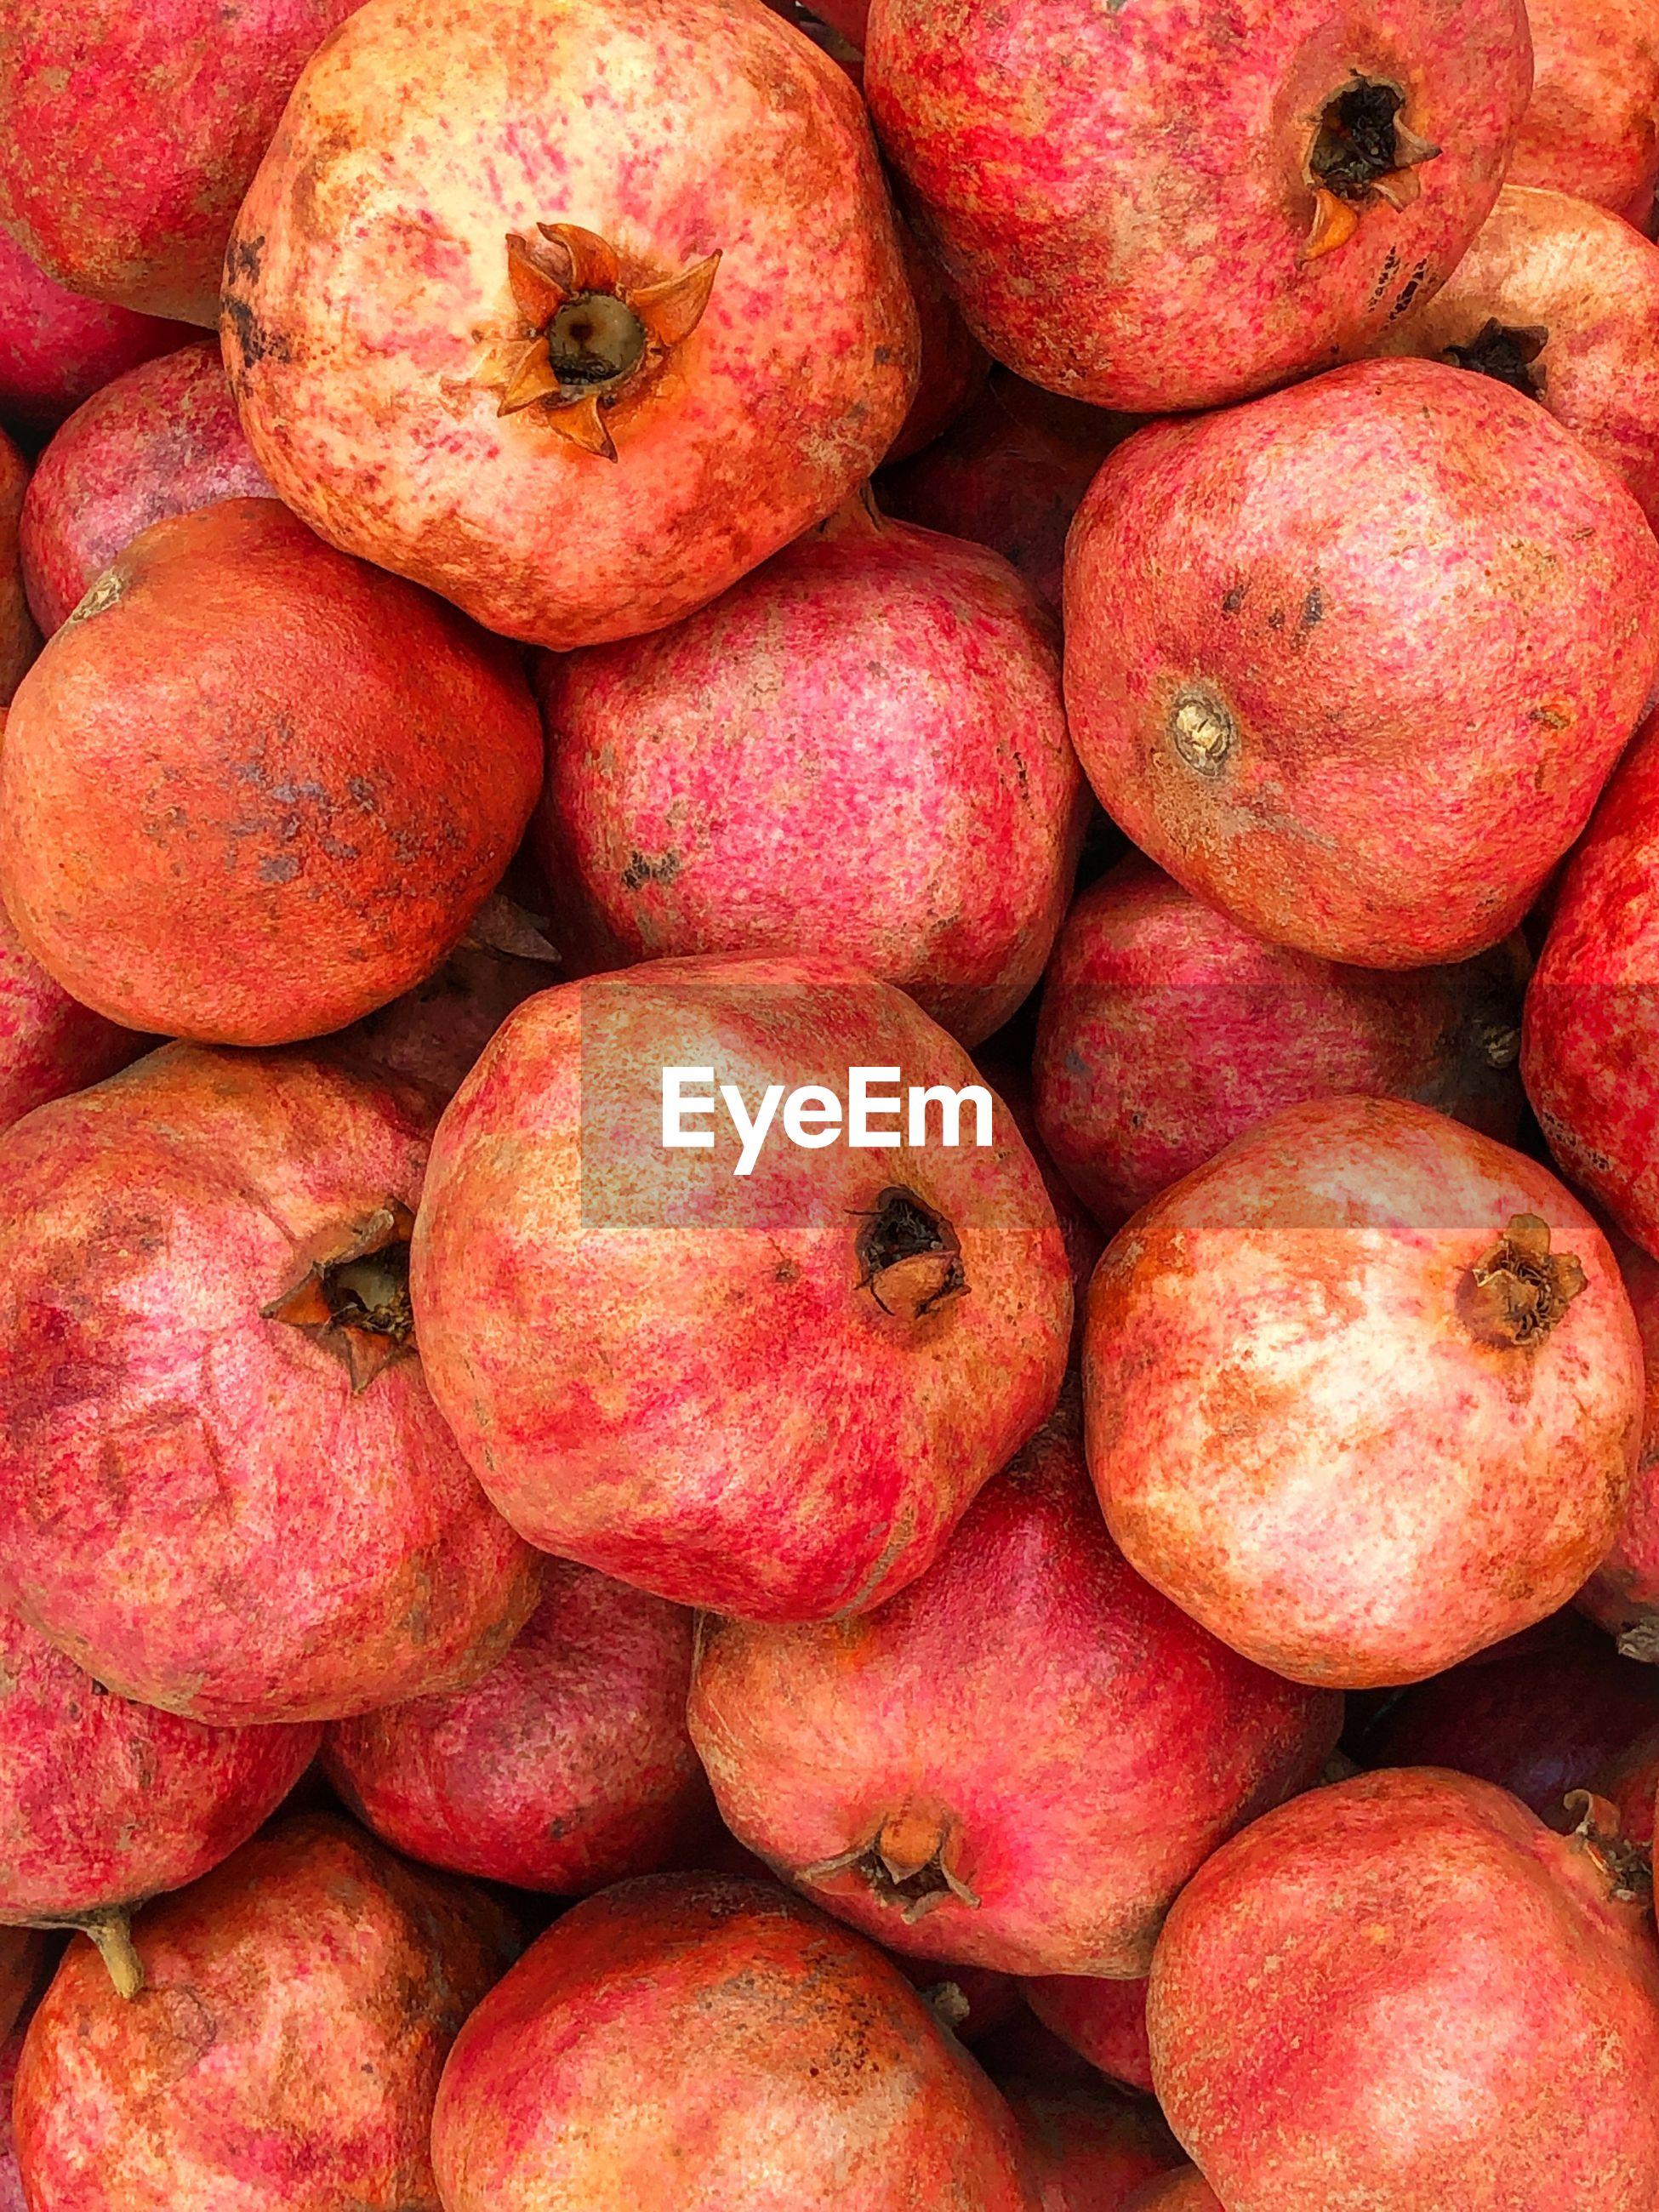 Full frame shot of pomegranate